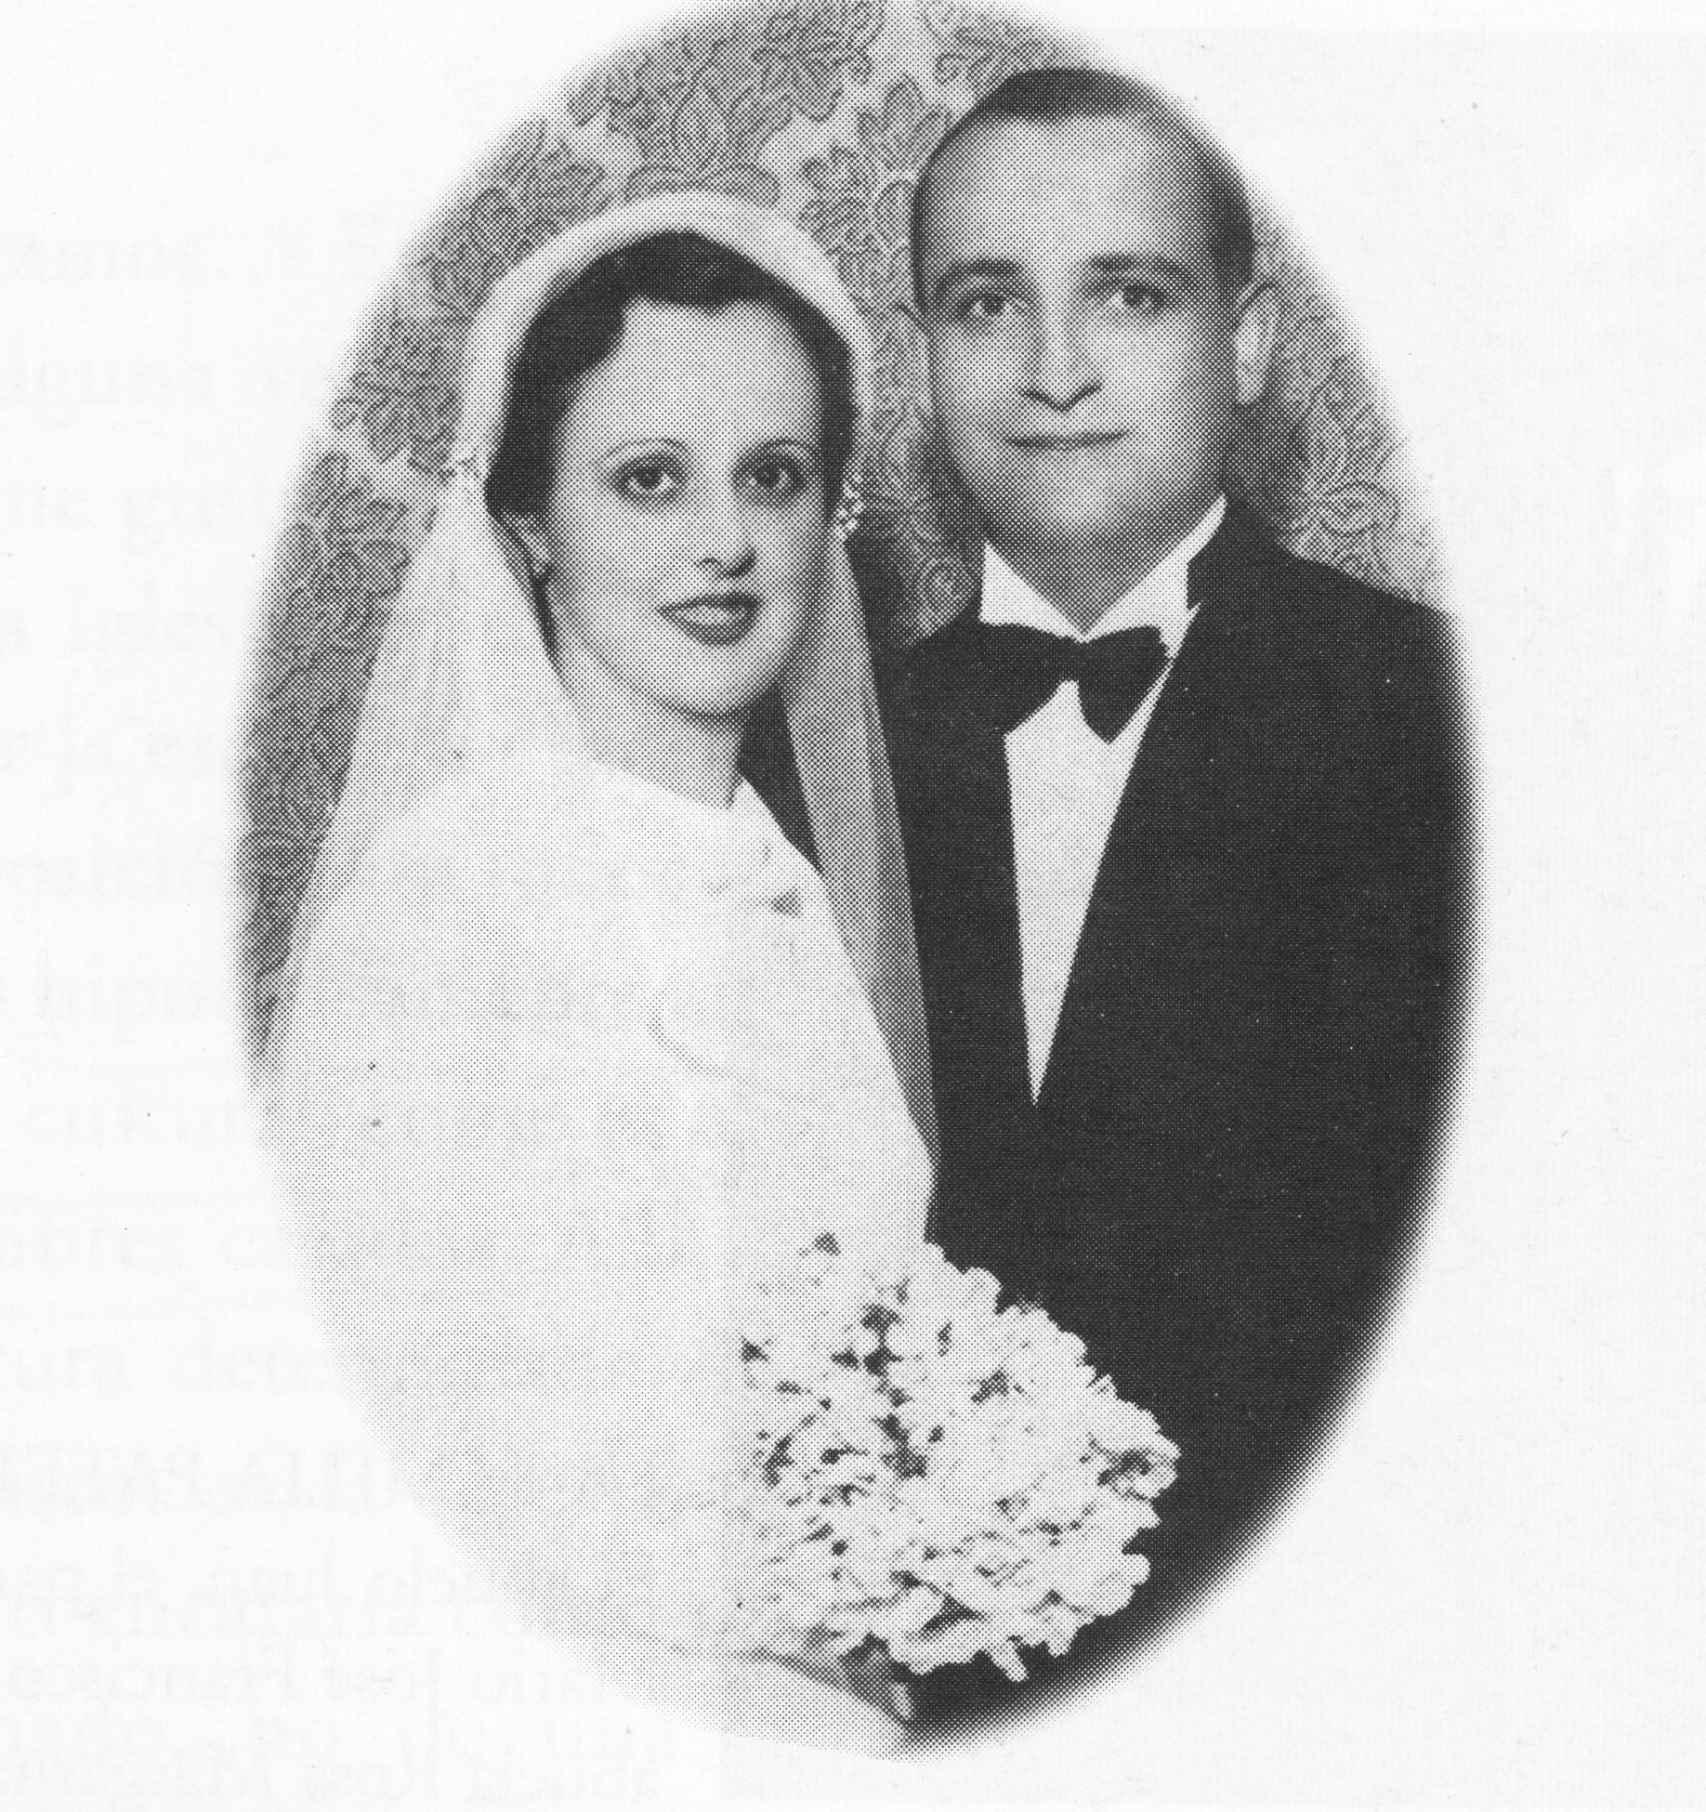 Los padres del papa Francisco, Regina y Mario, en una imagen de 1935.